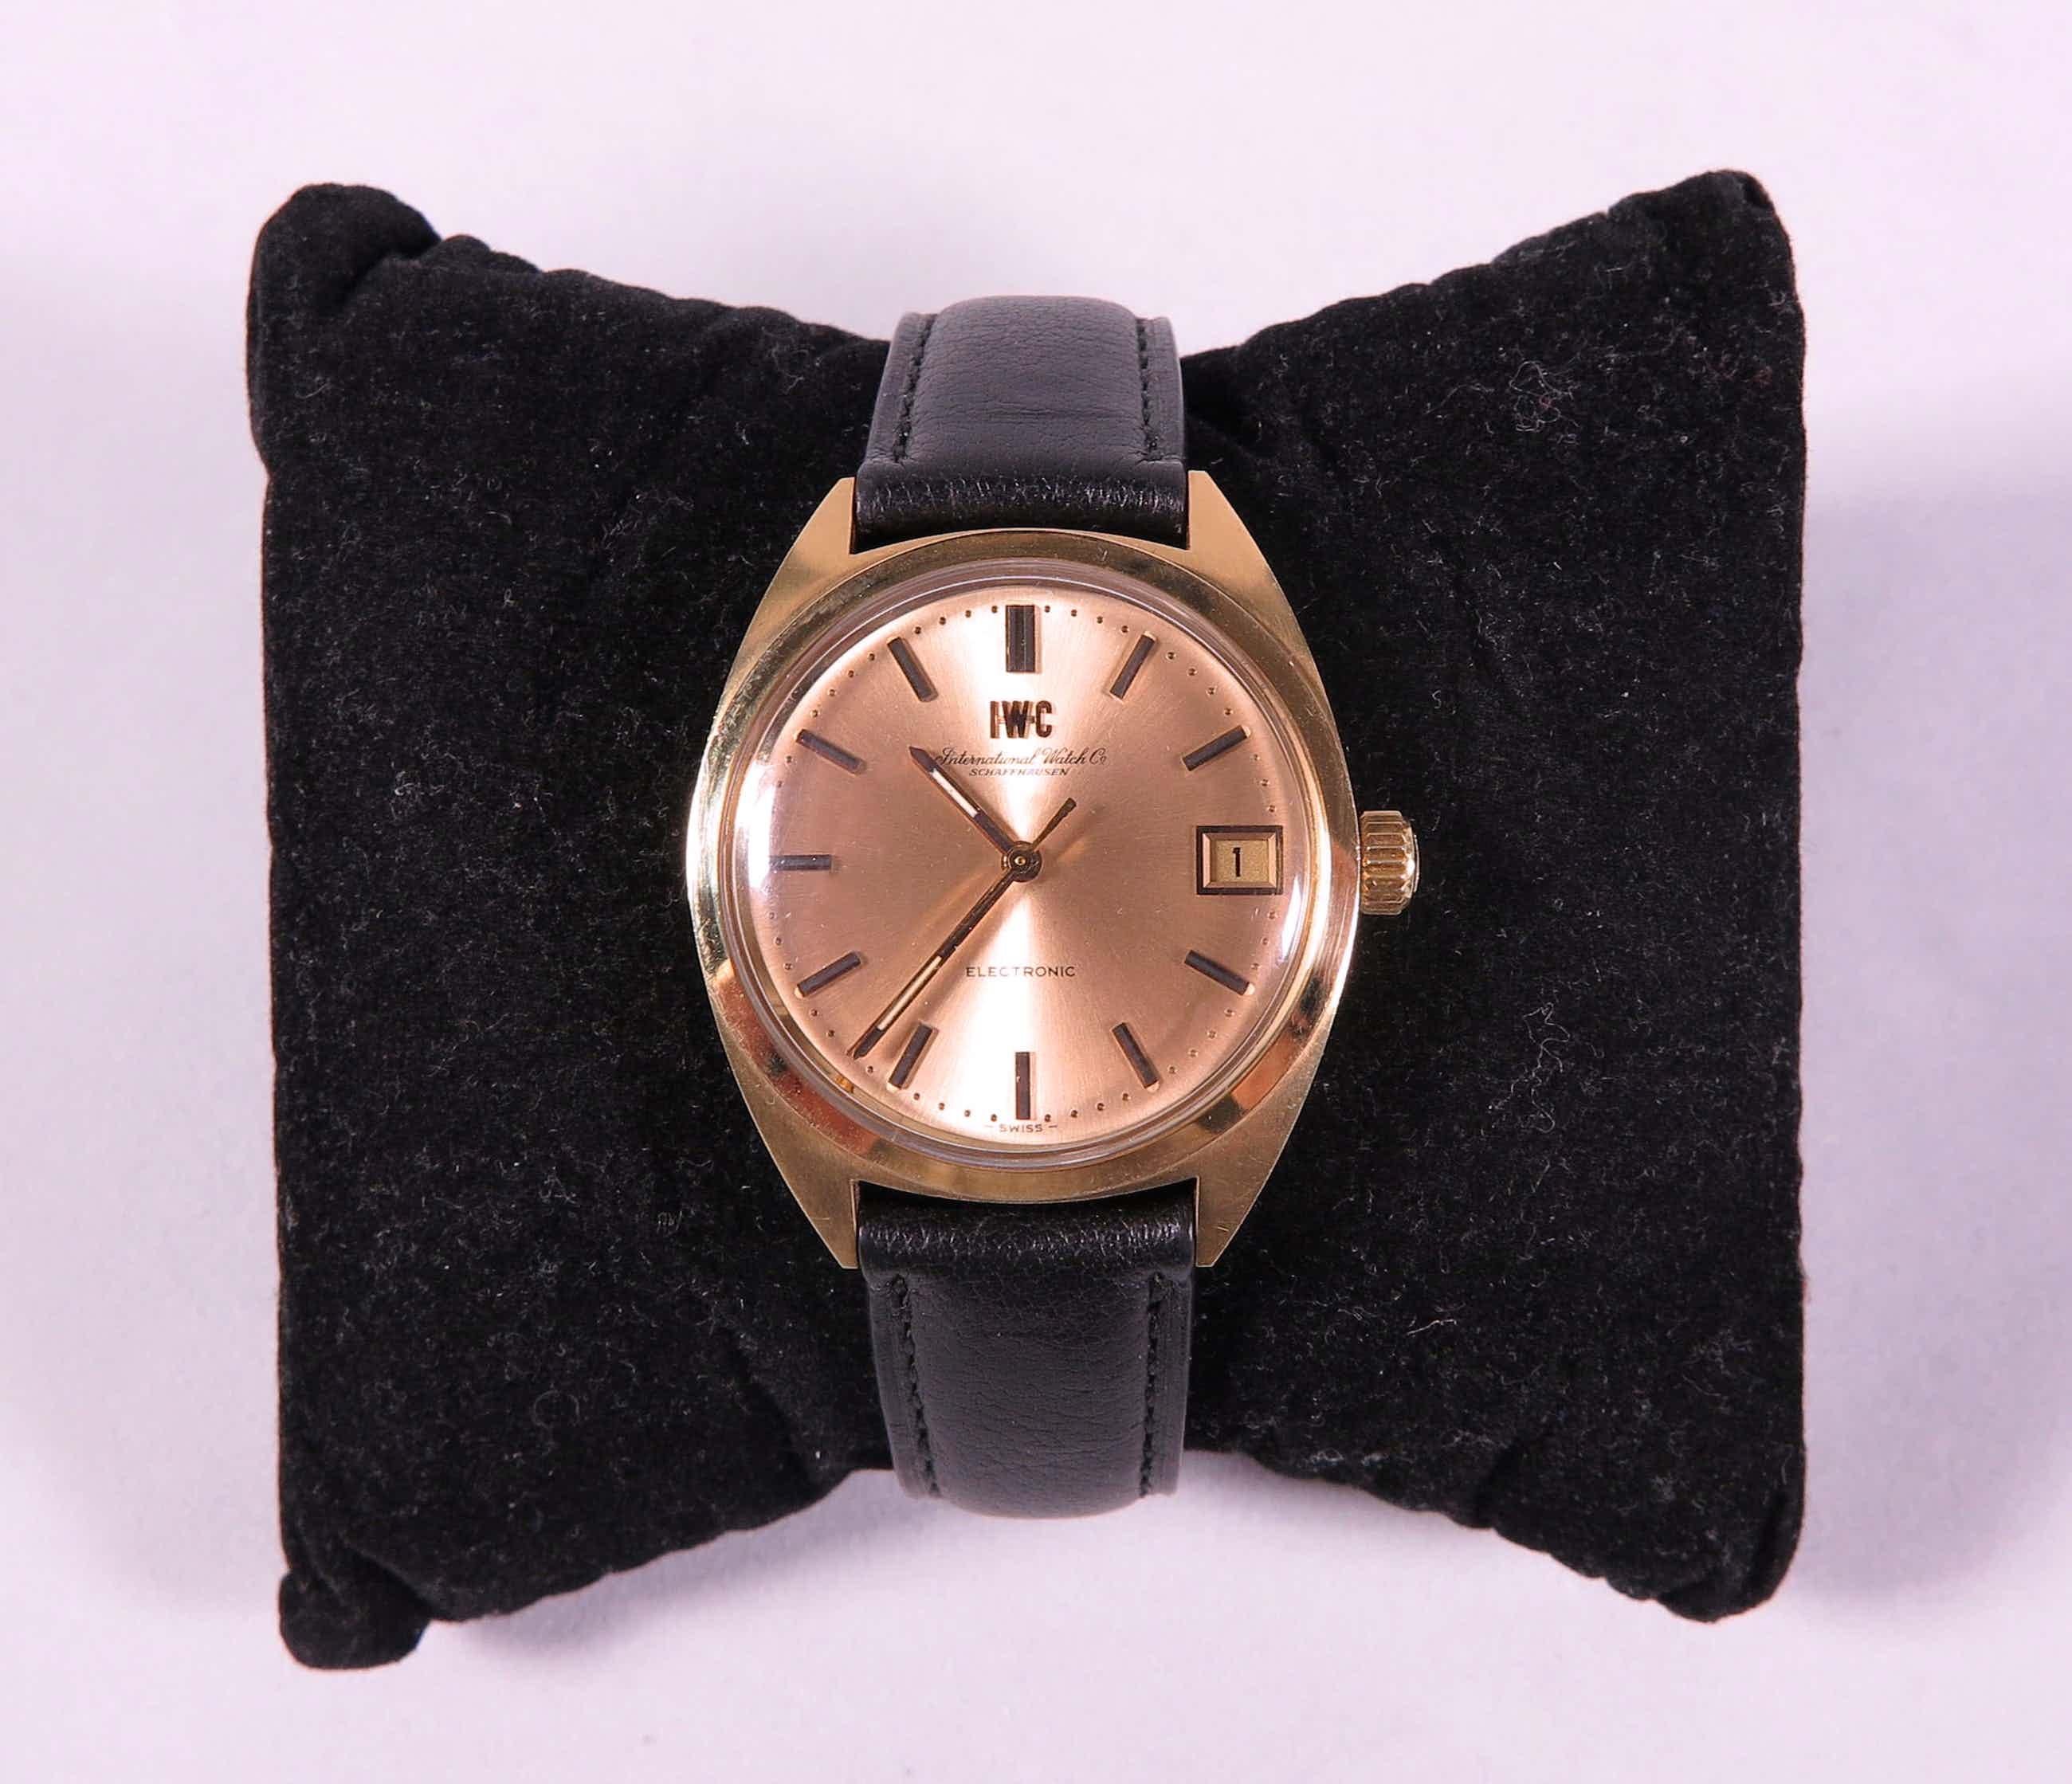 IWC - Electronic 18K Goud, Zwitsers herenhorloge met zwart lederen band kopen? Bied vanaf 1600!